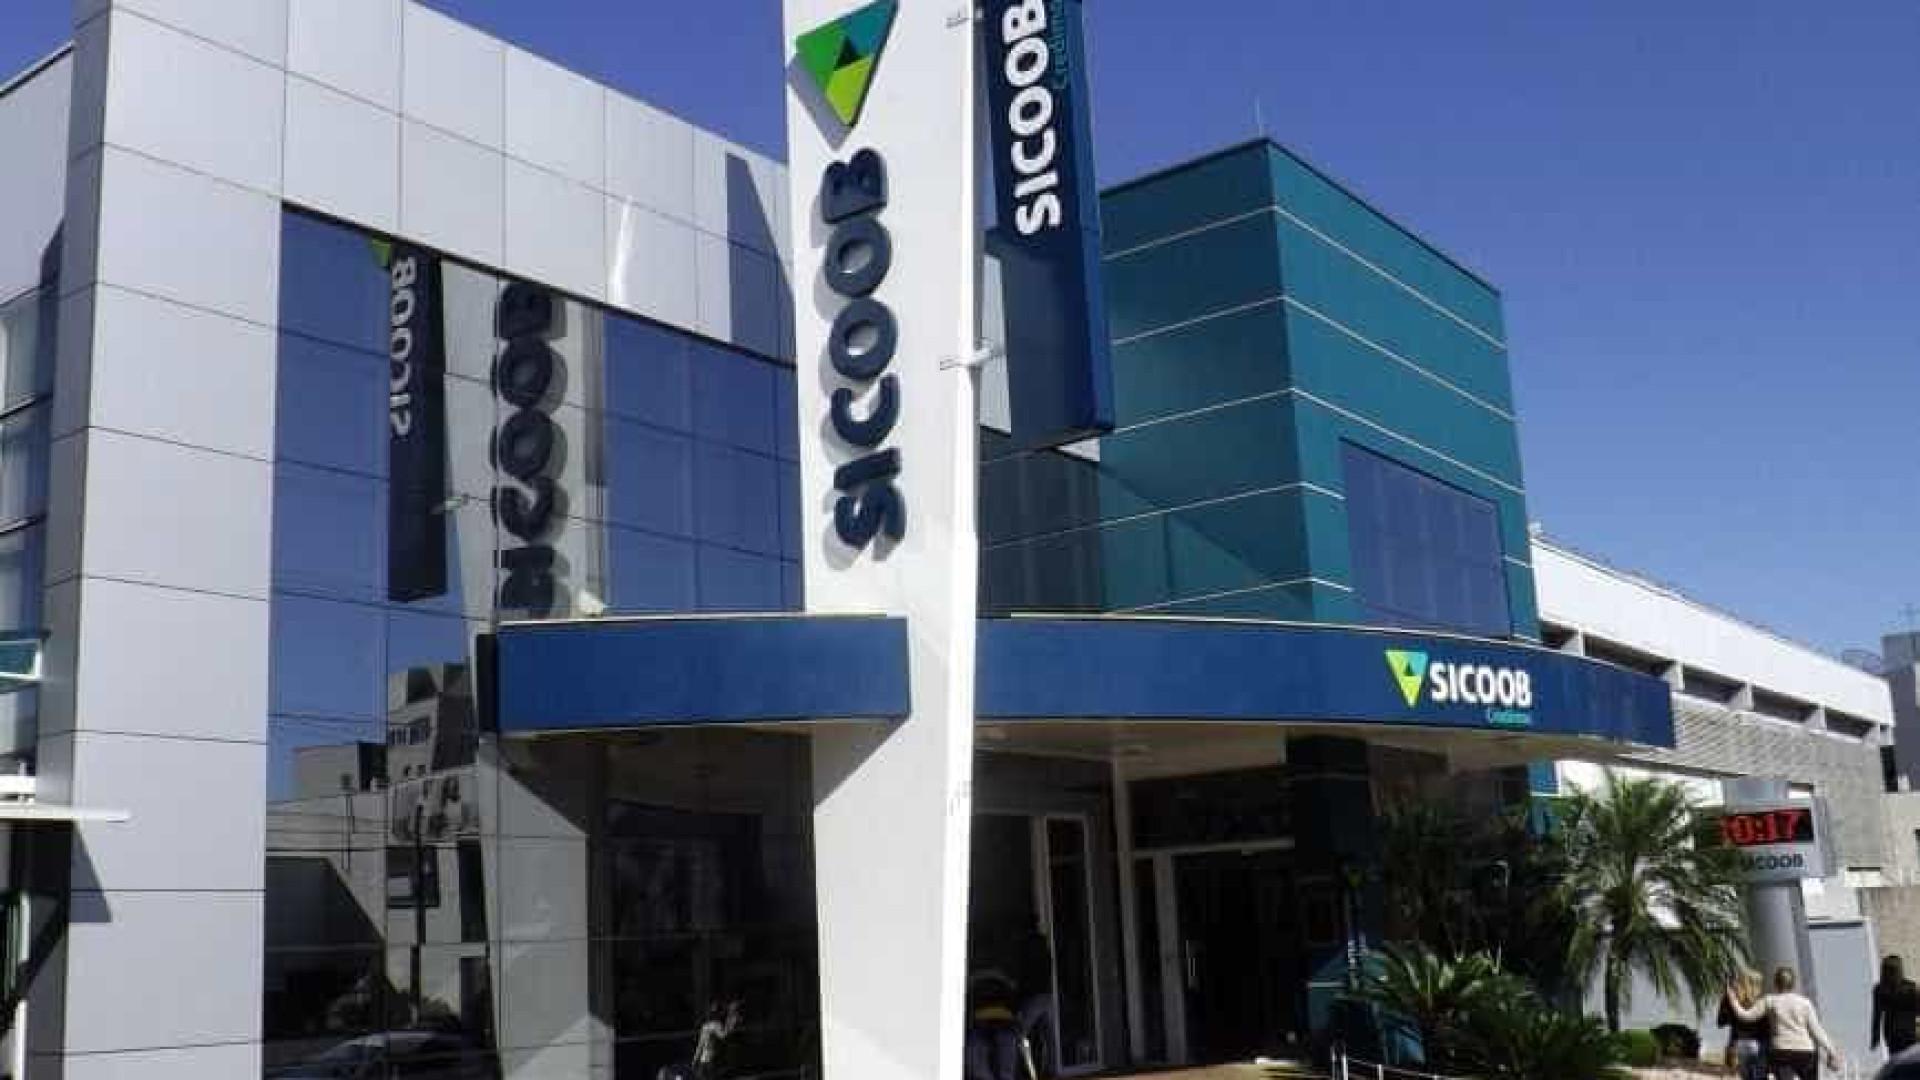 Cooperativas alcançam bancos tradicionais em número de agências